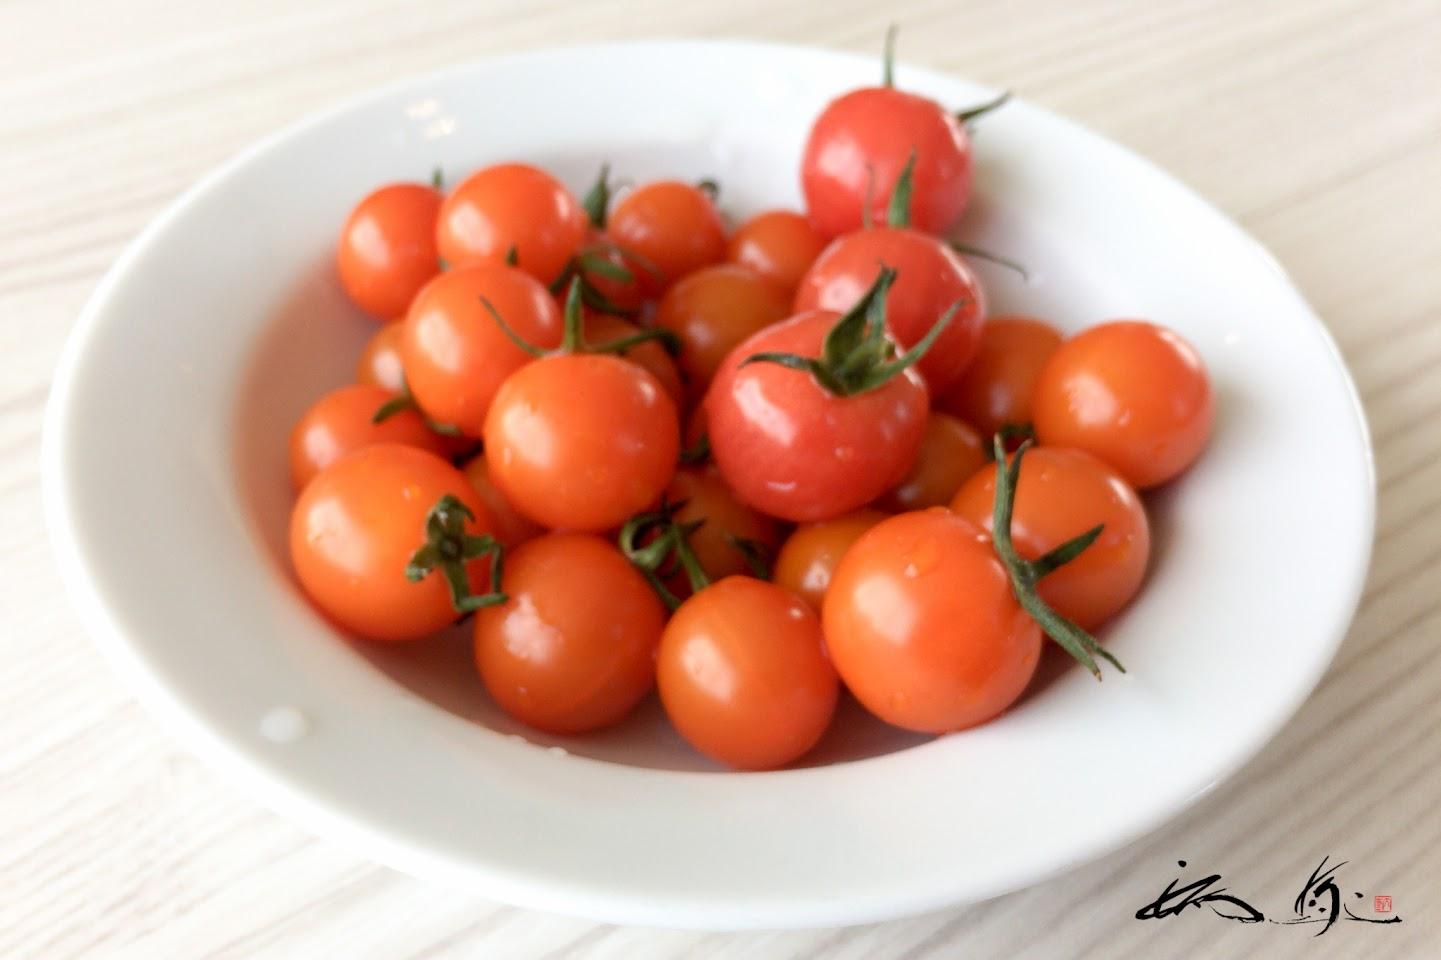 ミニトマトがサービス